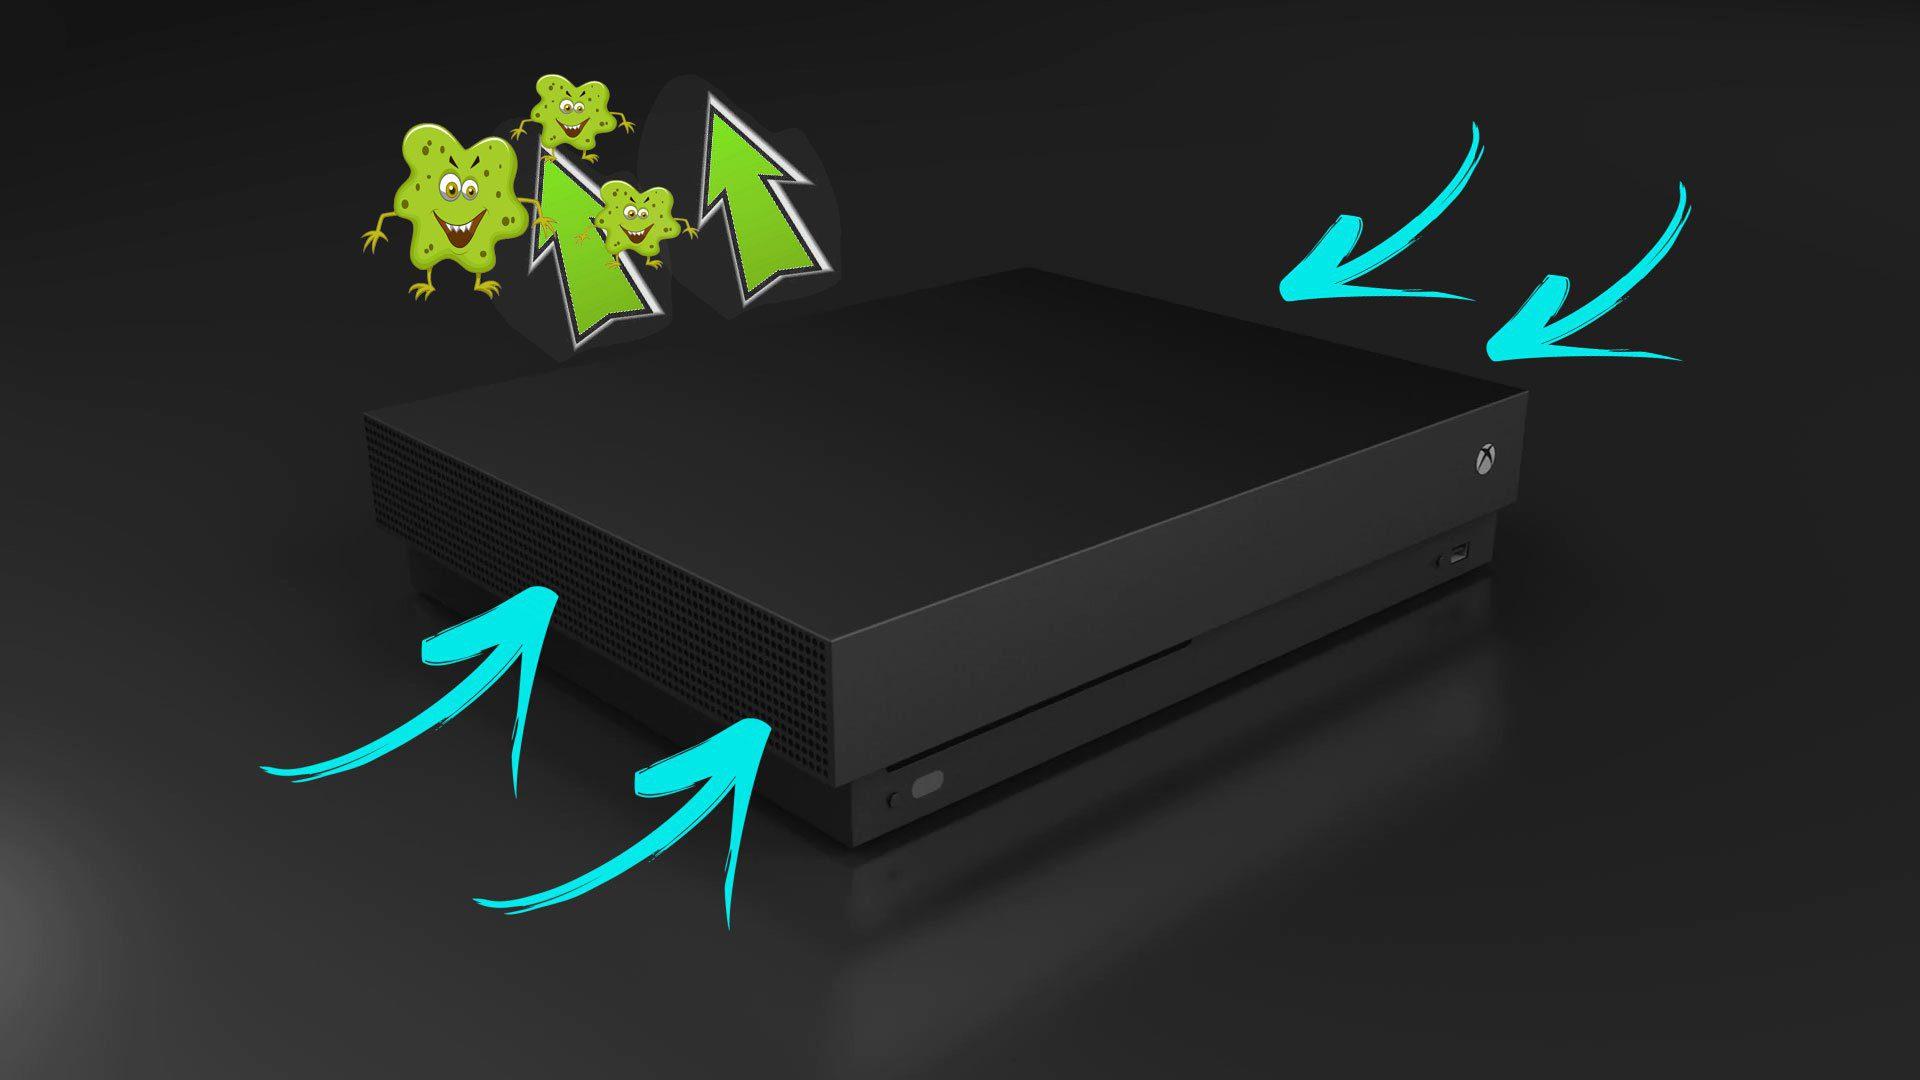 Te contamos cómo limpiar una Xbox One X y cada cuanto hay que hacerlo 1